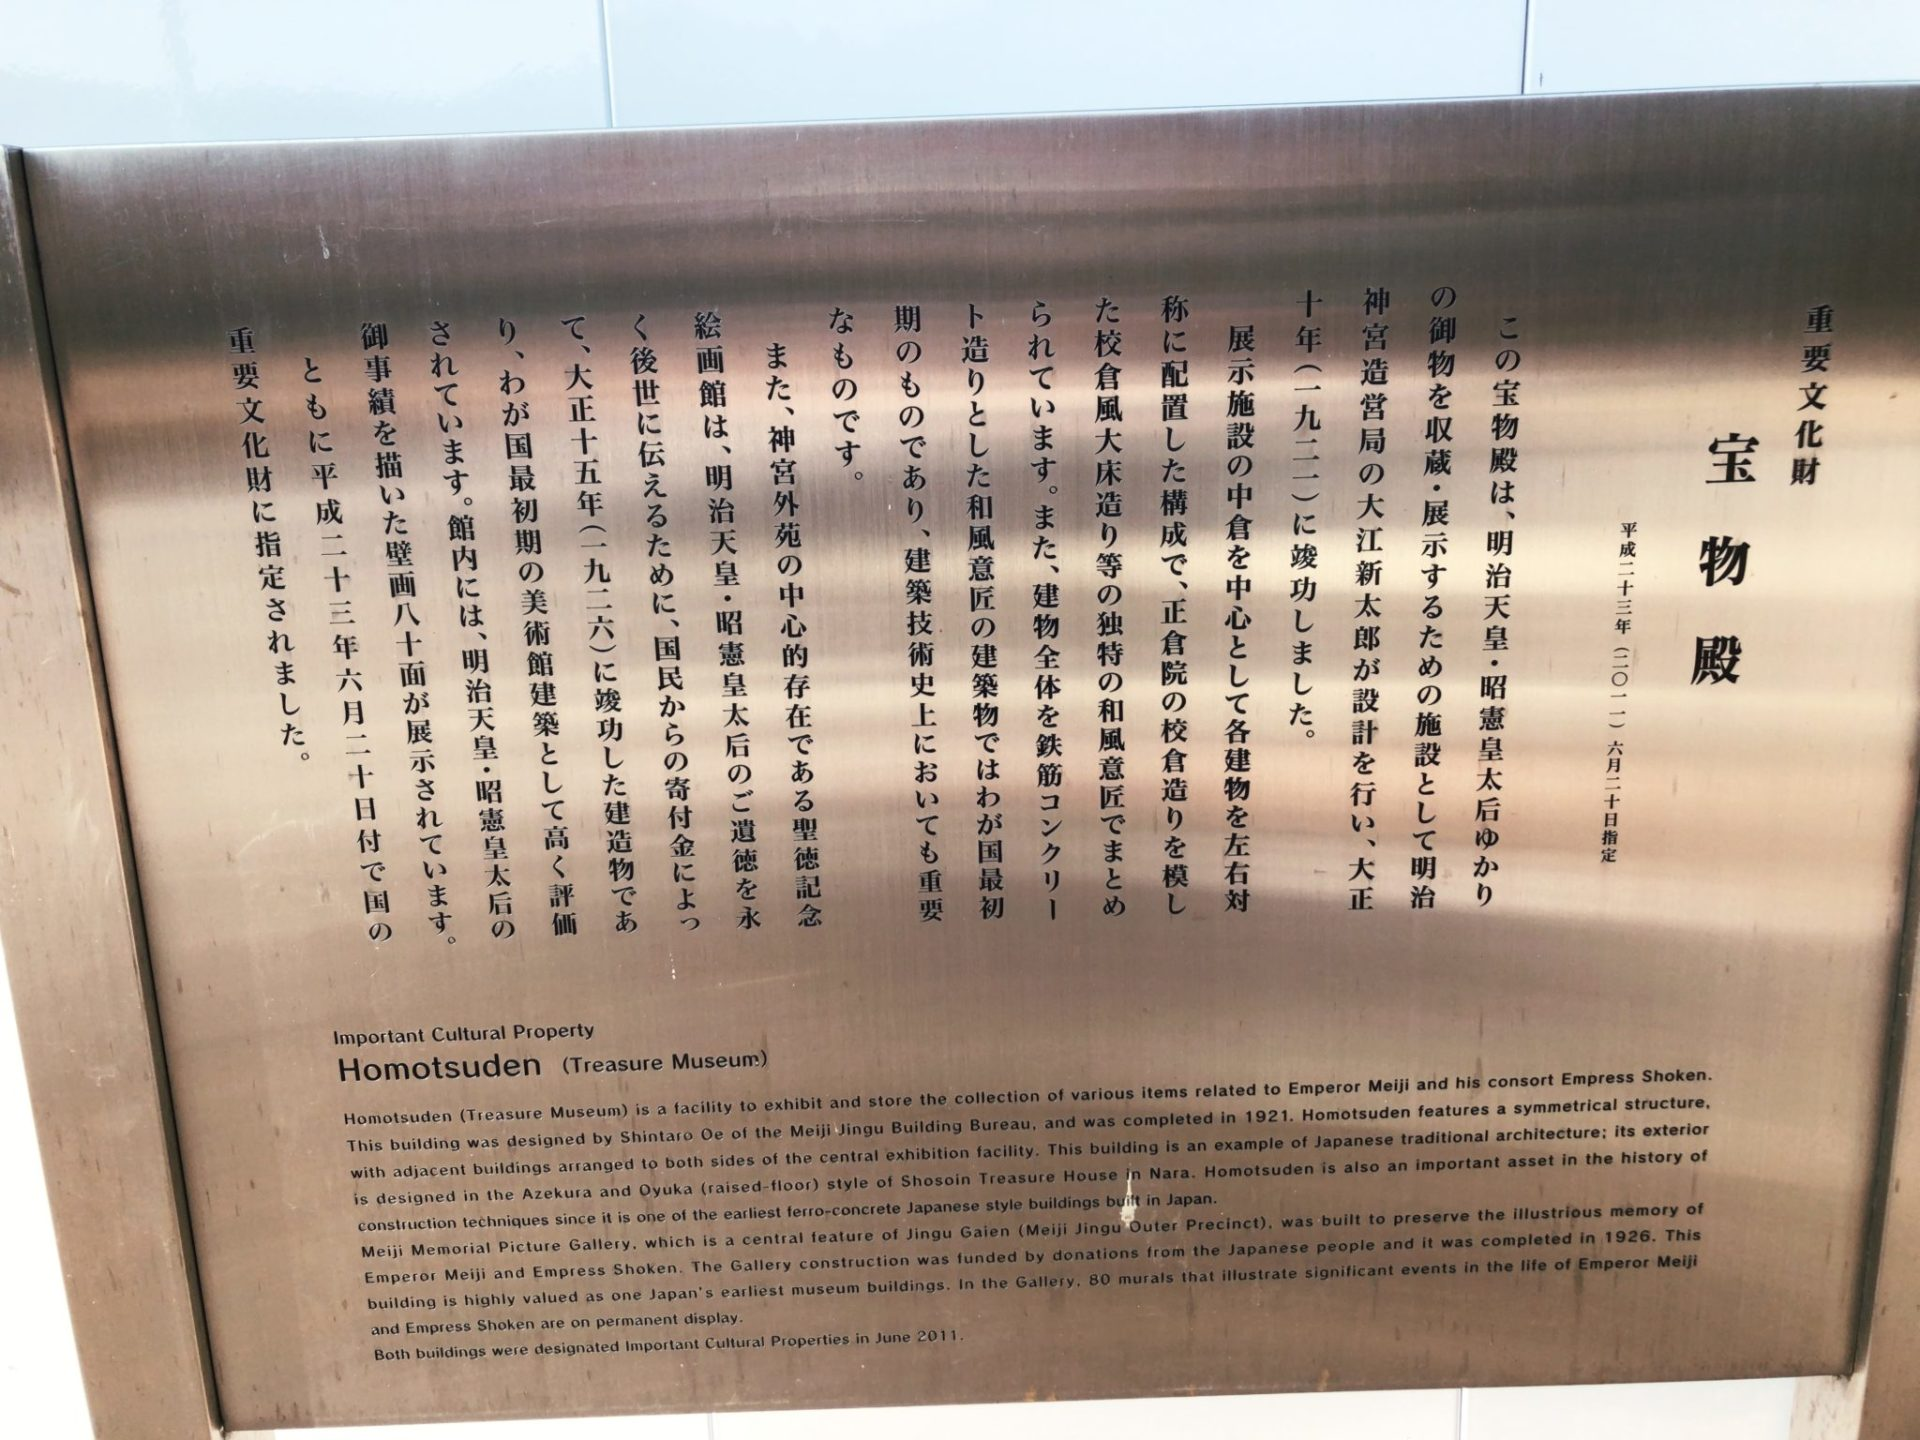 明治神宮の宝物殿の説明